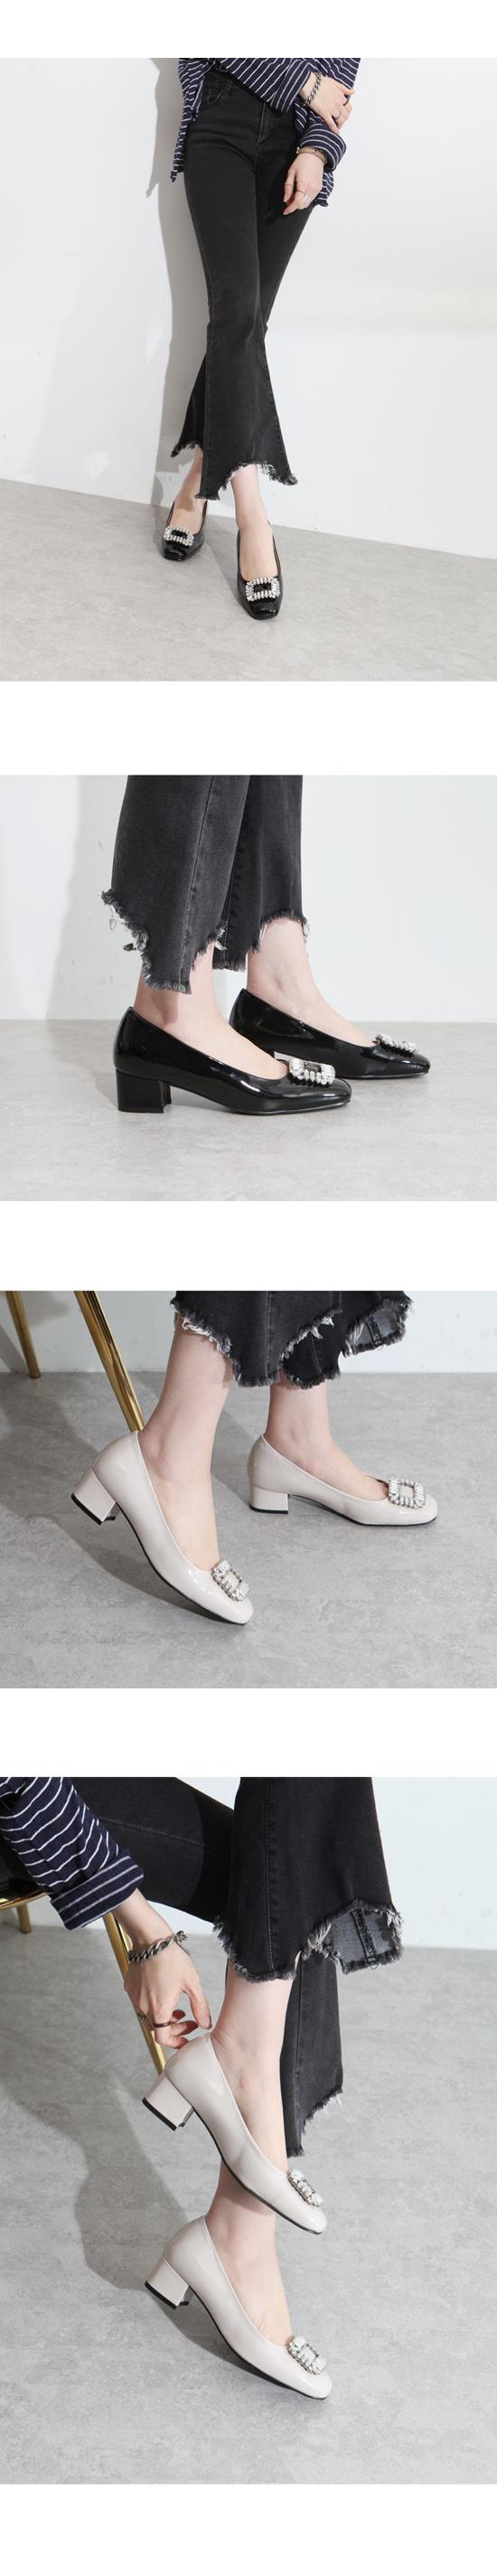 Cubic Luxury Enamel Middle Heel 4cm Beige